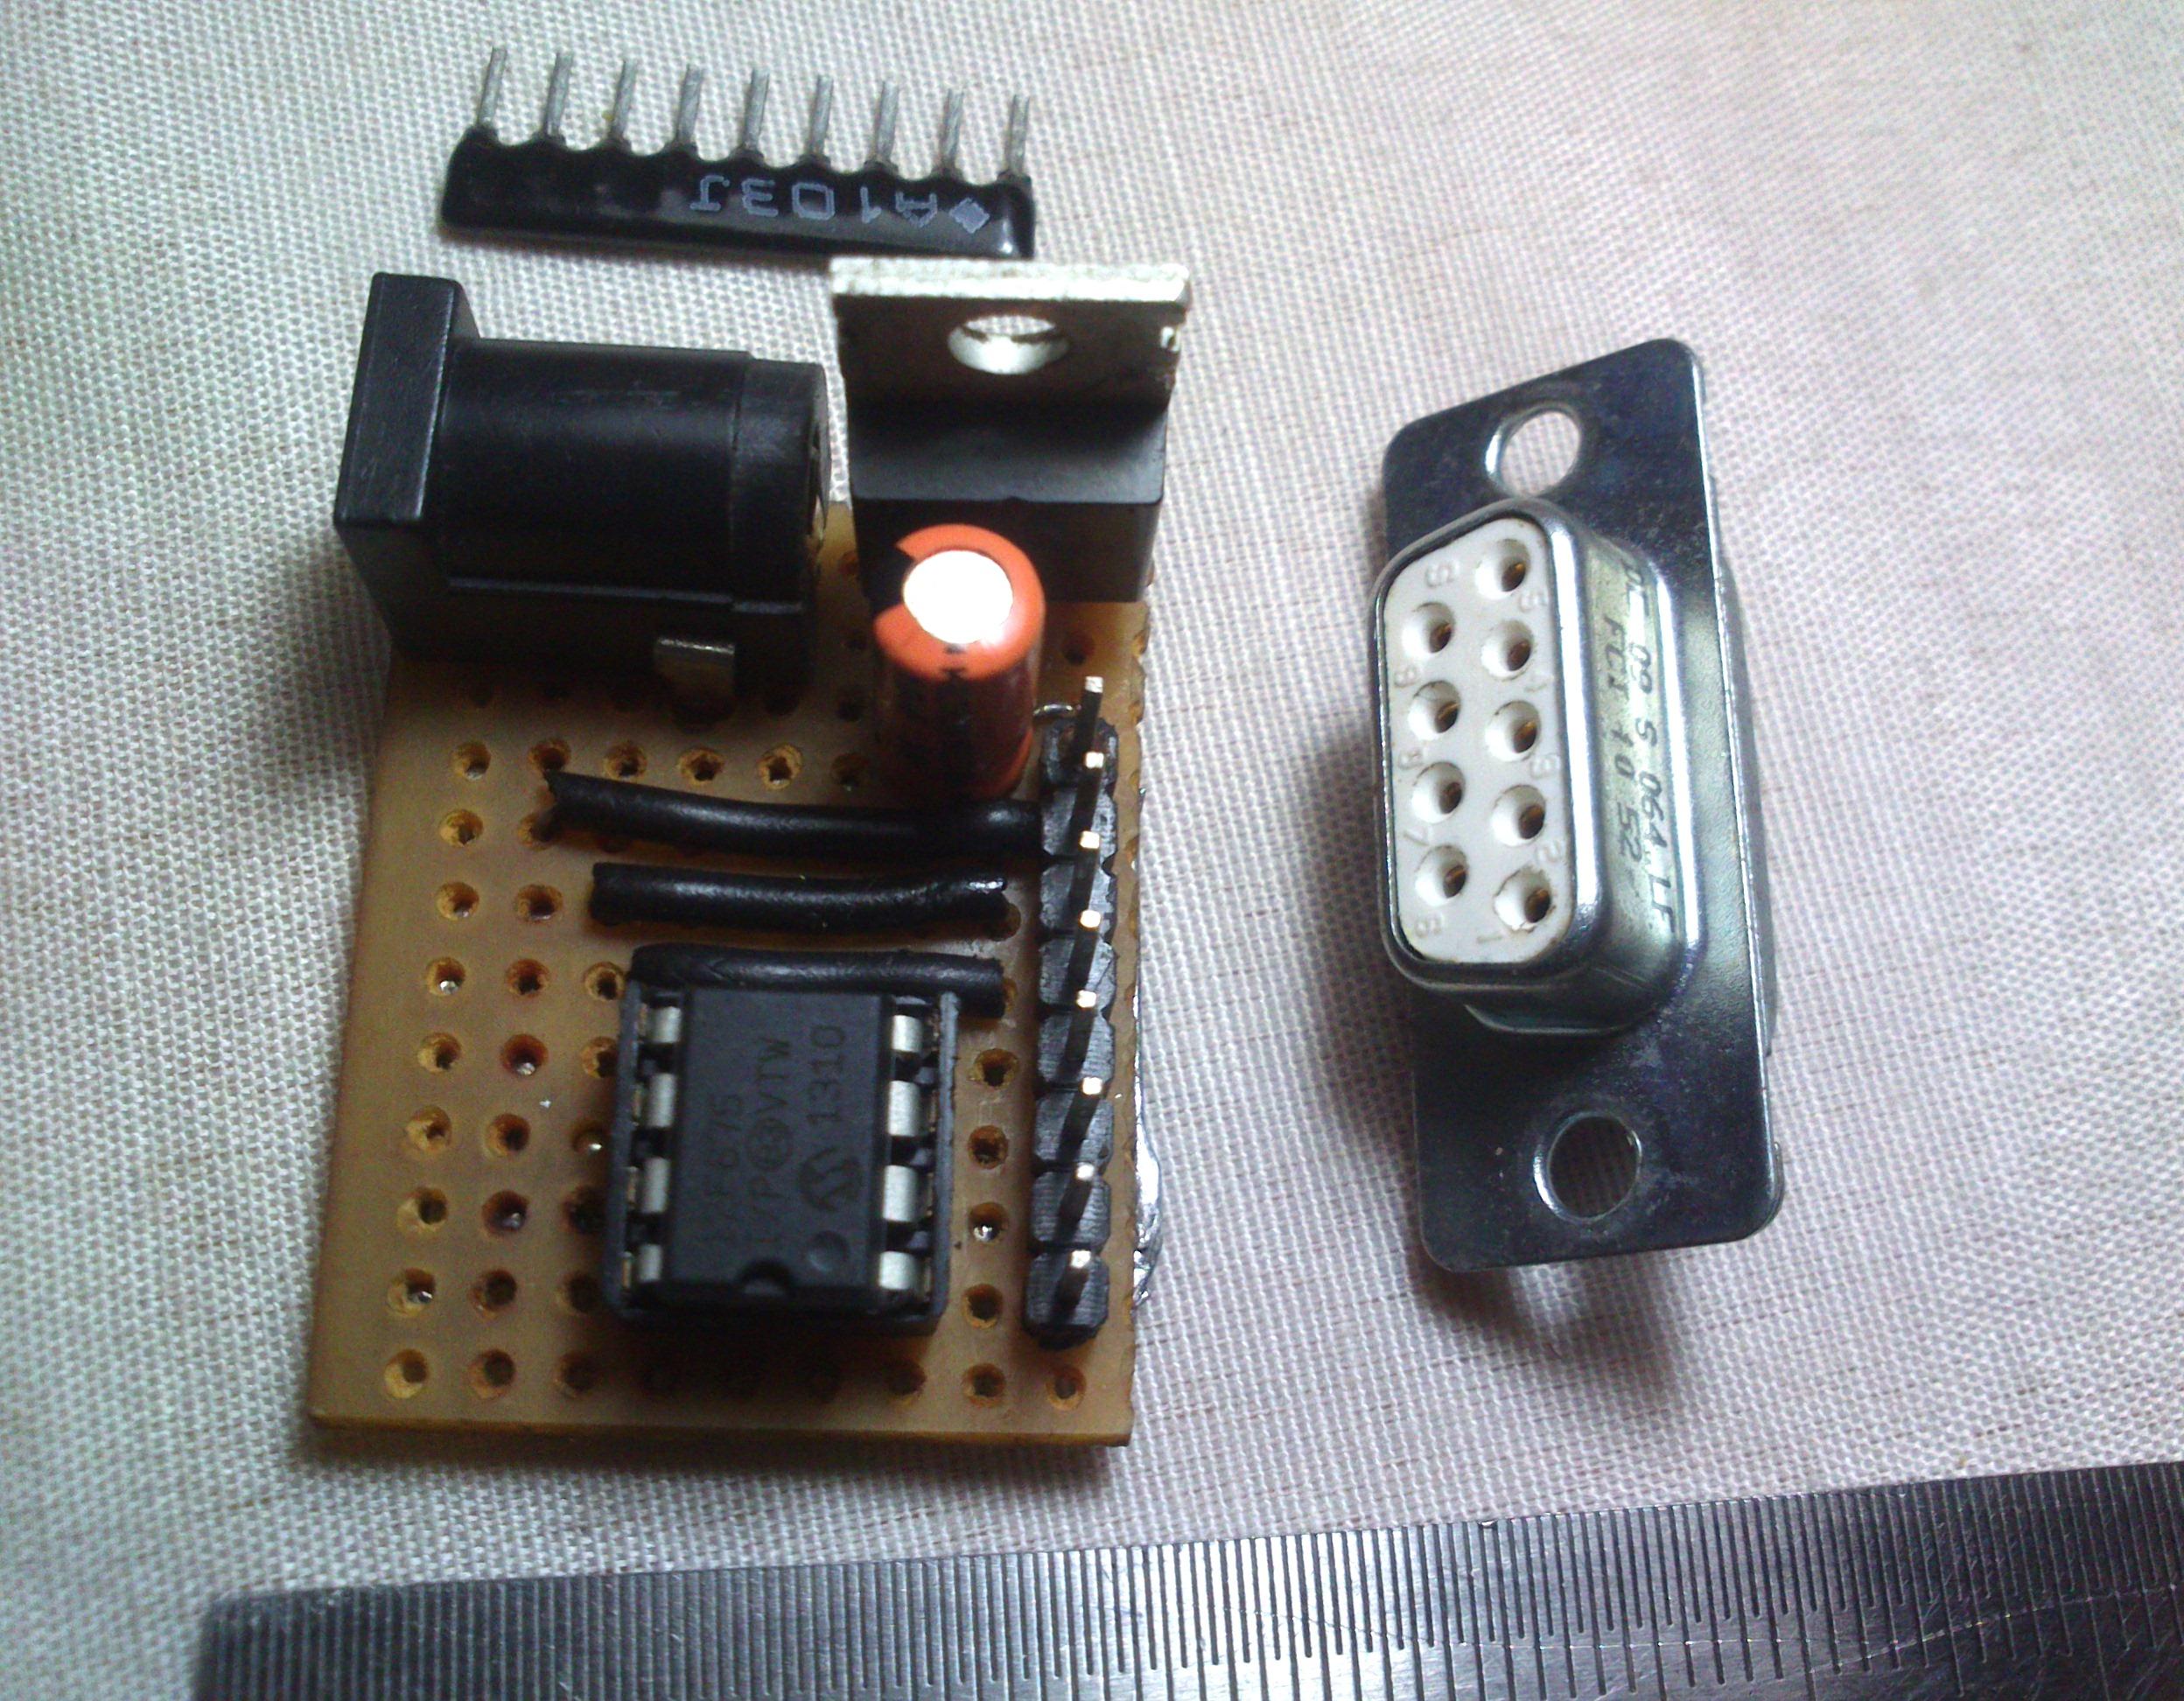 PIC12F675 development board   micro  size 3.0 cm x2.5 cm